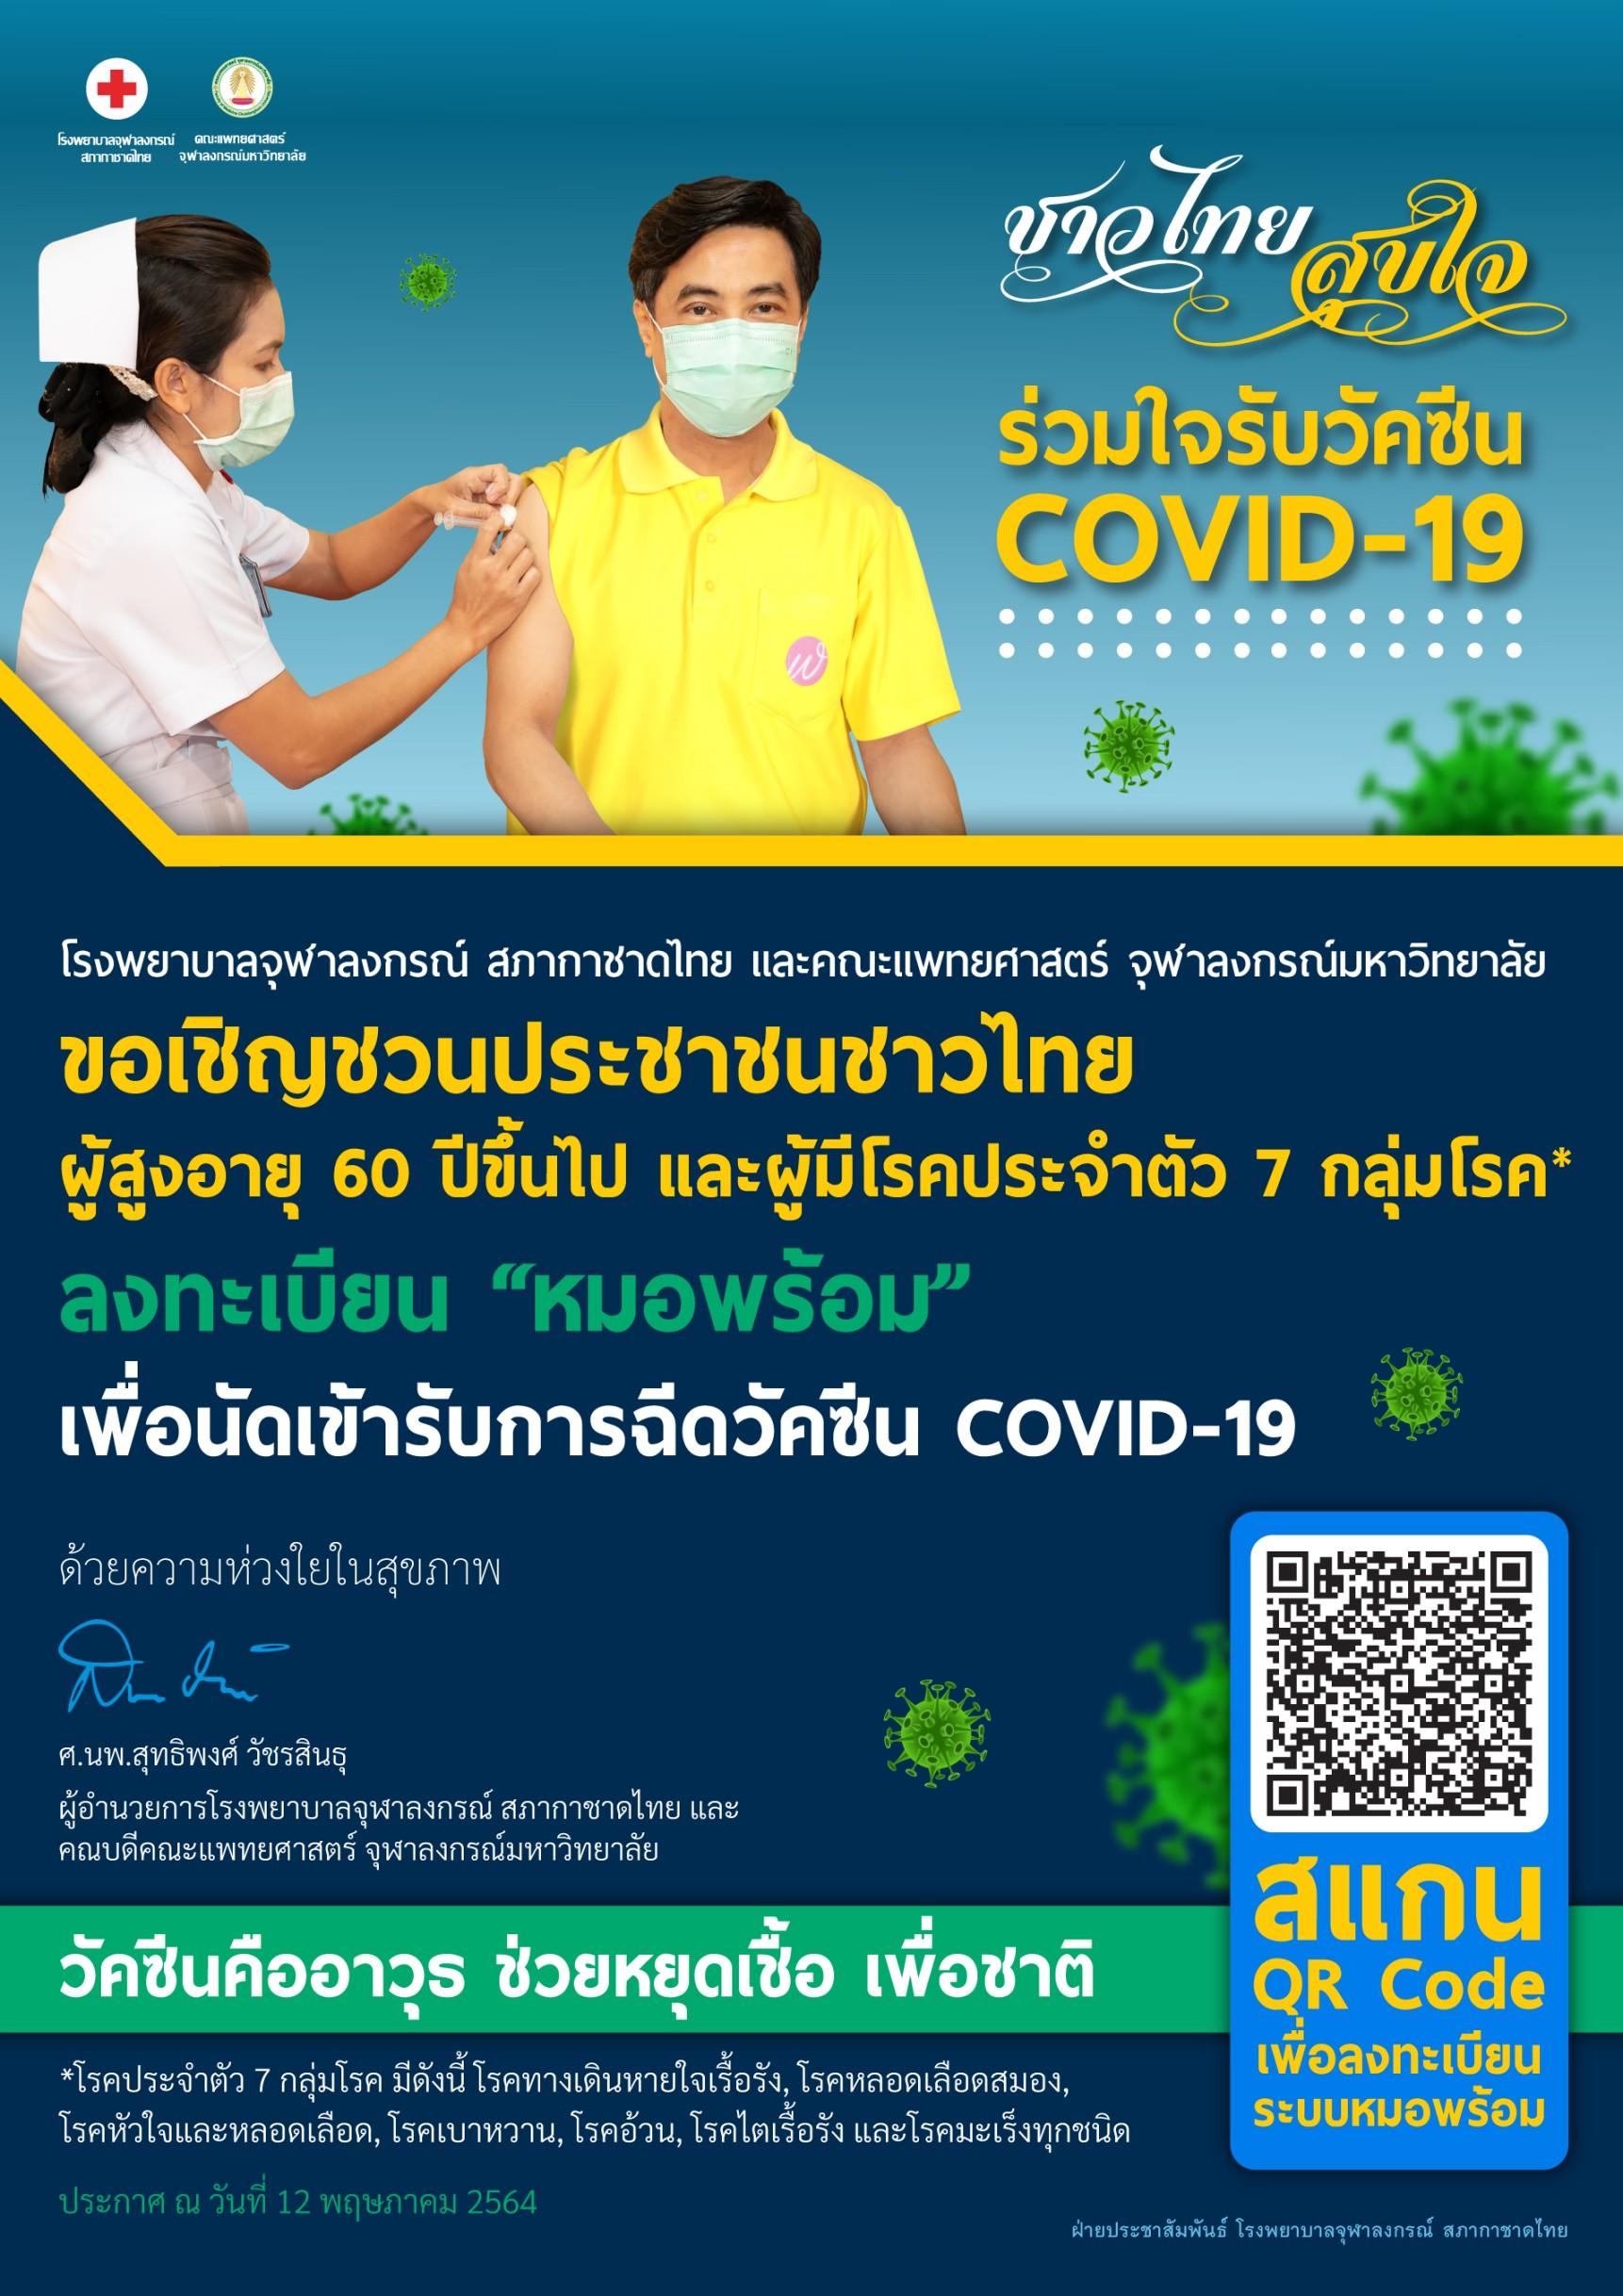 ชาวไทย สุขใจ ร่วมใจรับวัคซีน COVID-19